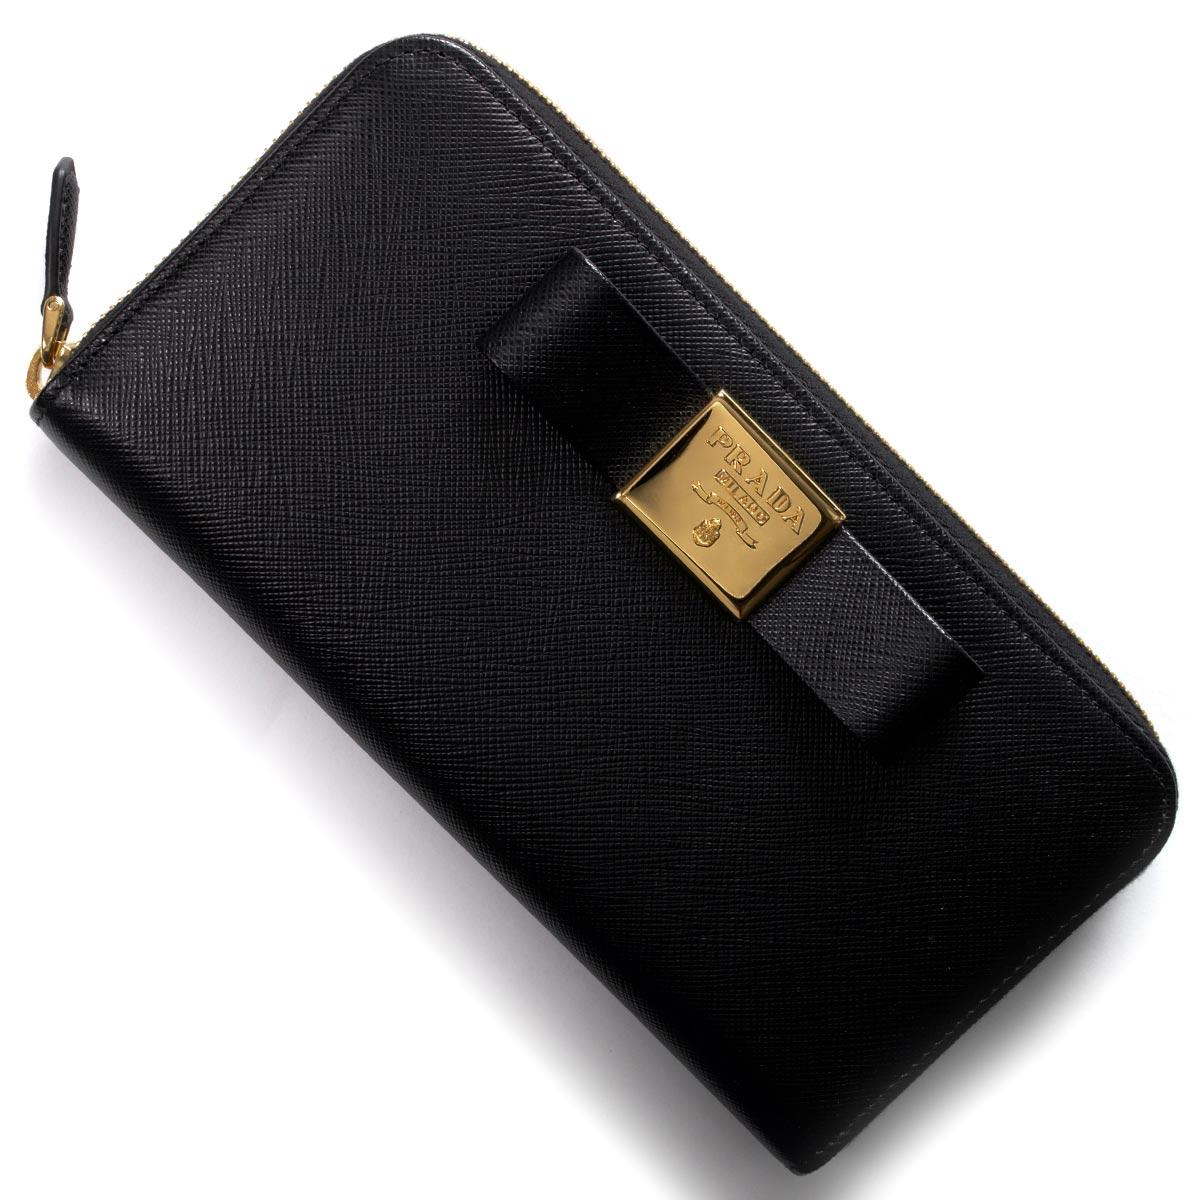 プラダ 長財布 財布 レディース サフィアーノ フィオーコ SAFFIANO FIOCCO リボン ブラック 1ML506 2AEE F0002 PRADA